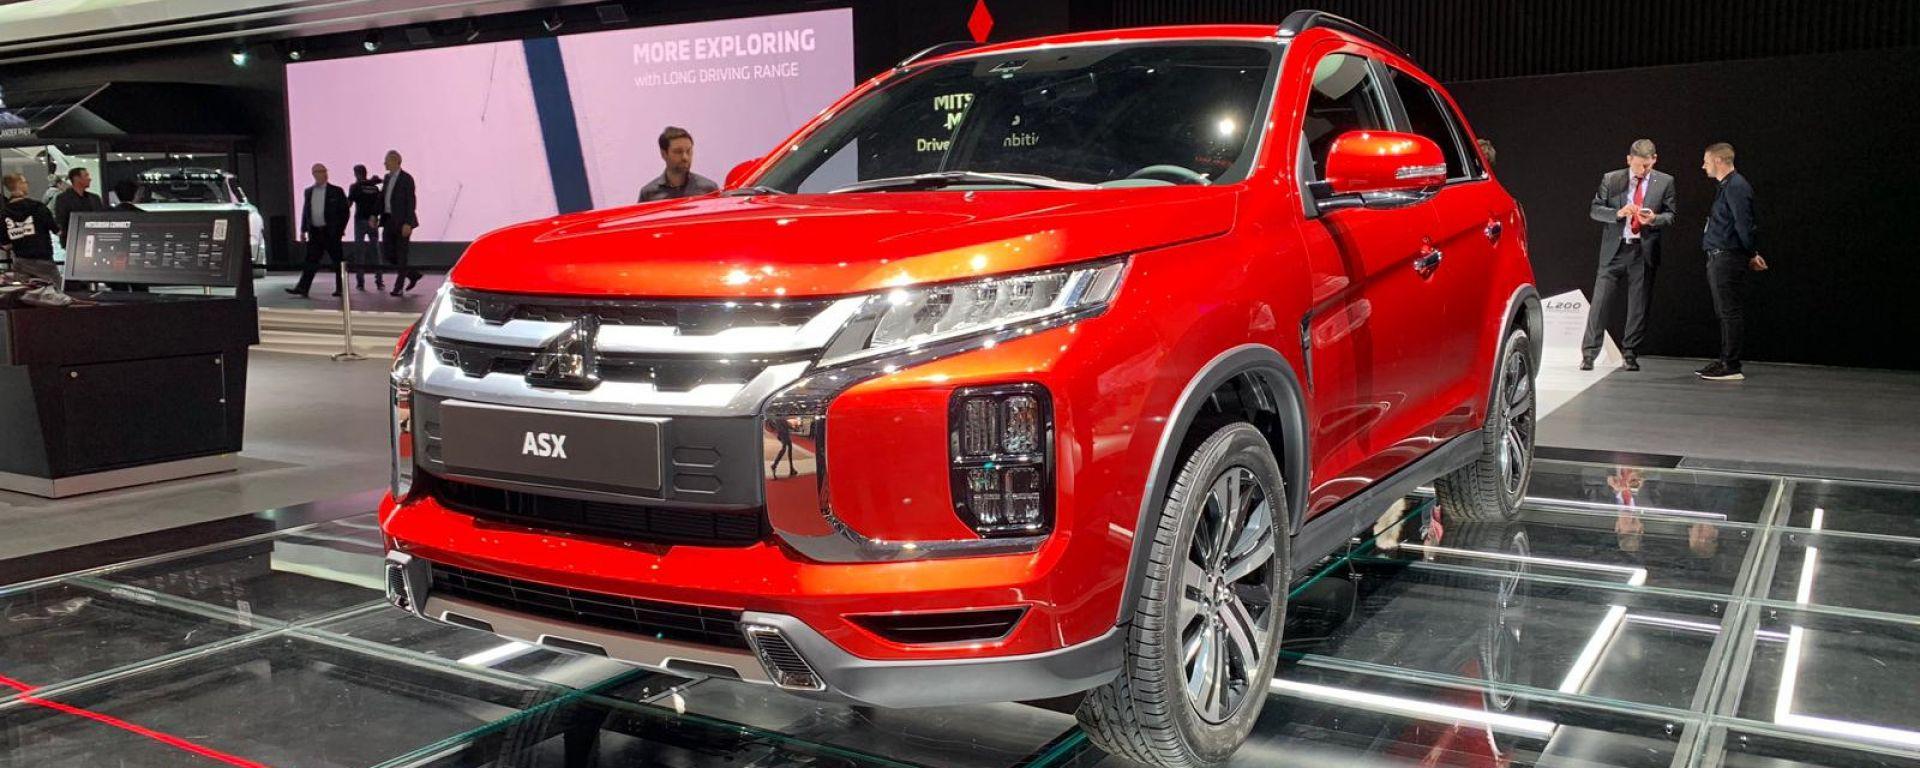 Nuova Mitsubishi ASX 2020: come cambia con il facelift